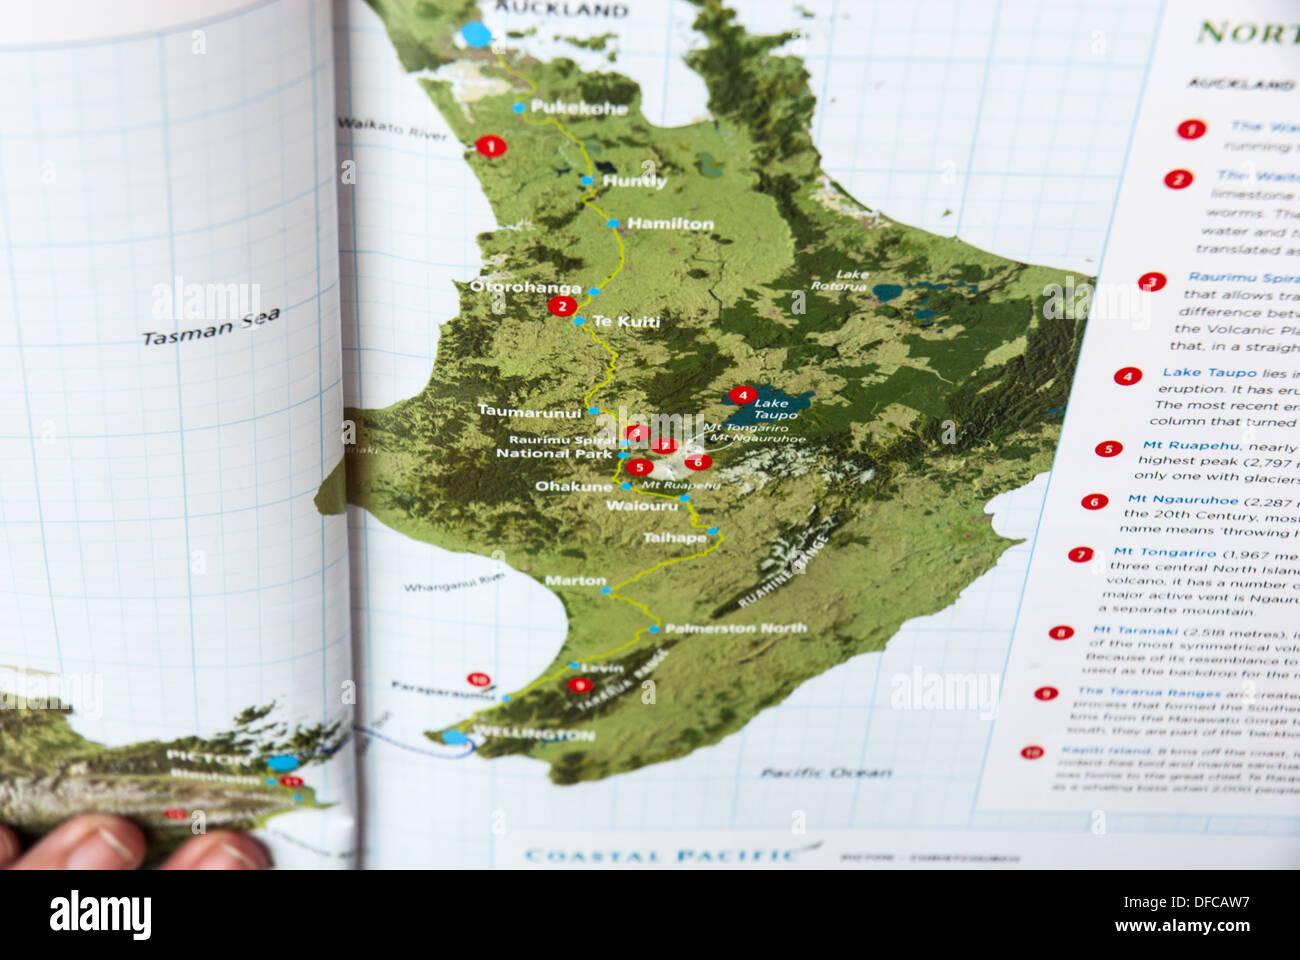 Neuseeland Nordinsel Karte.Eine Karte Der Nordinsel Neuseeland Stockfoto Bild 61122915 Alamy